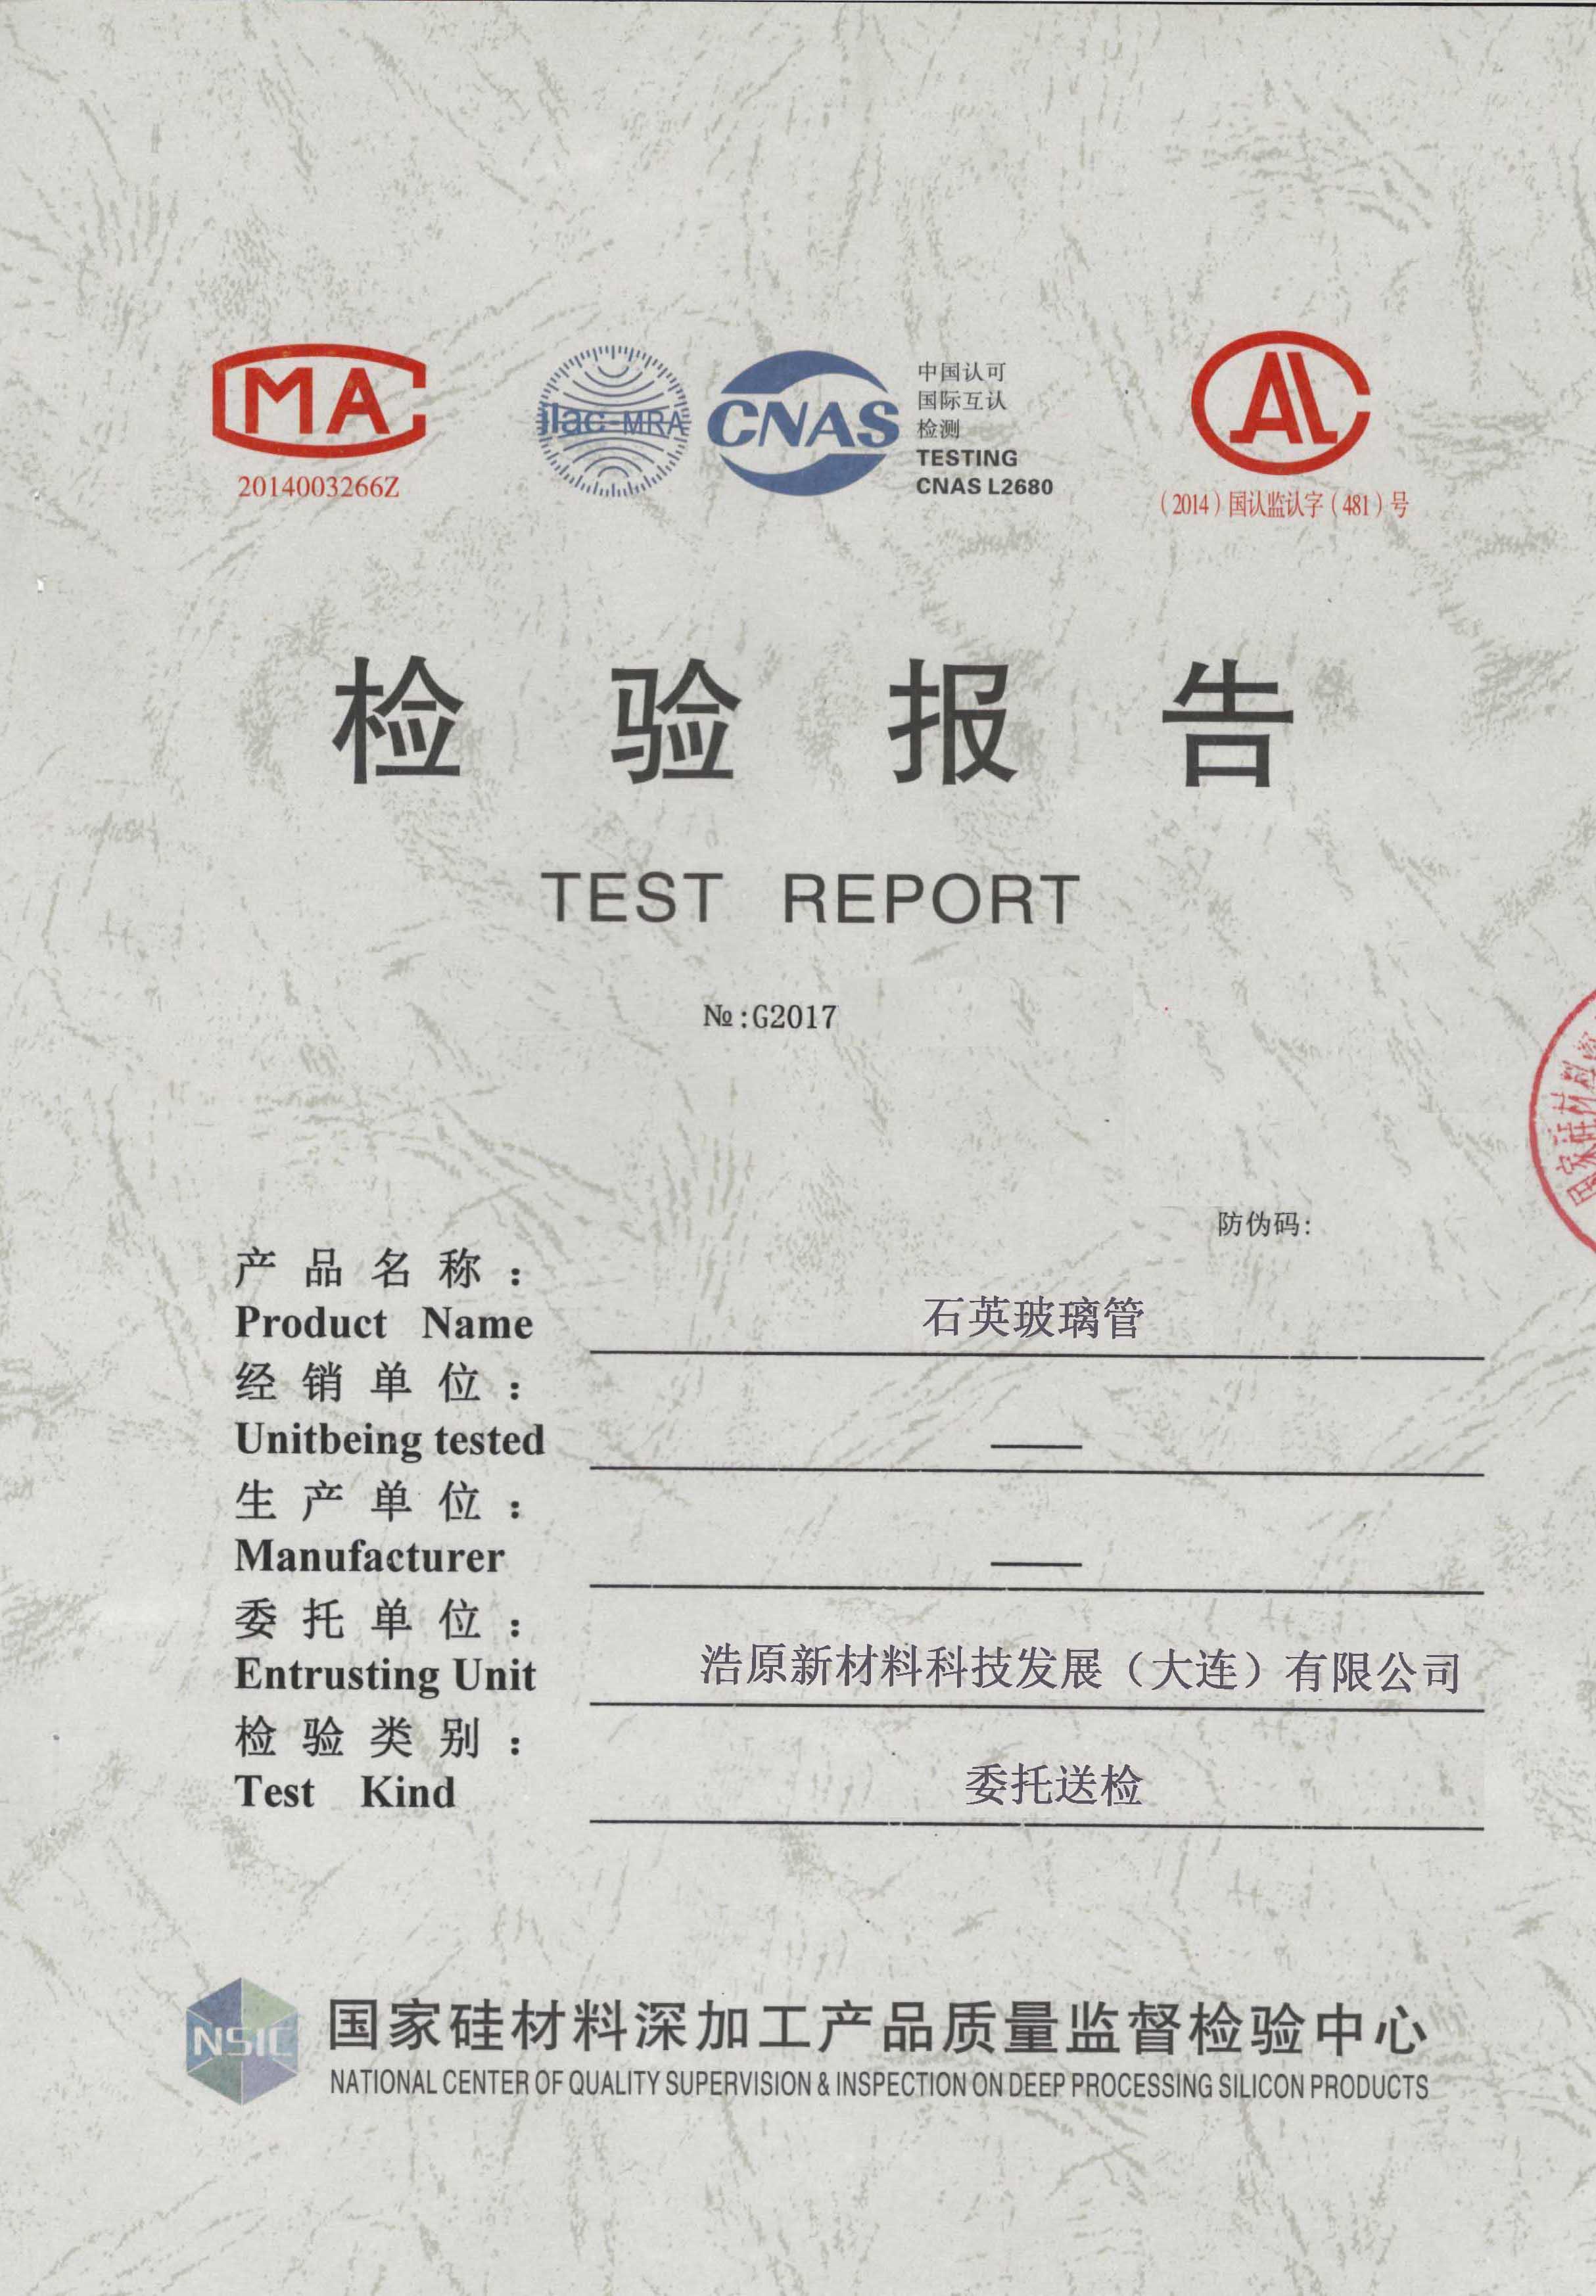 TEST REPORT-1-处理过.jpg